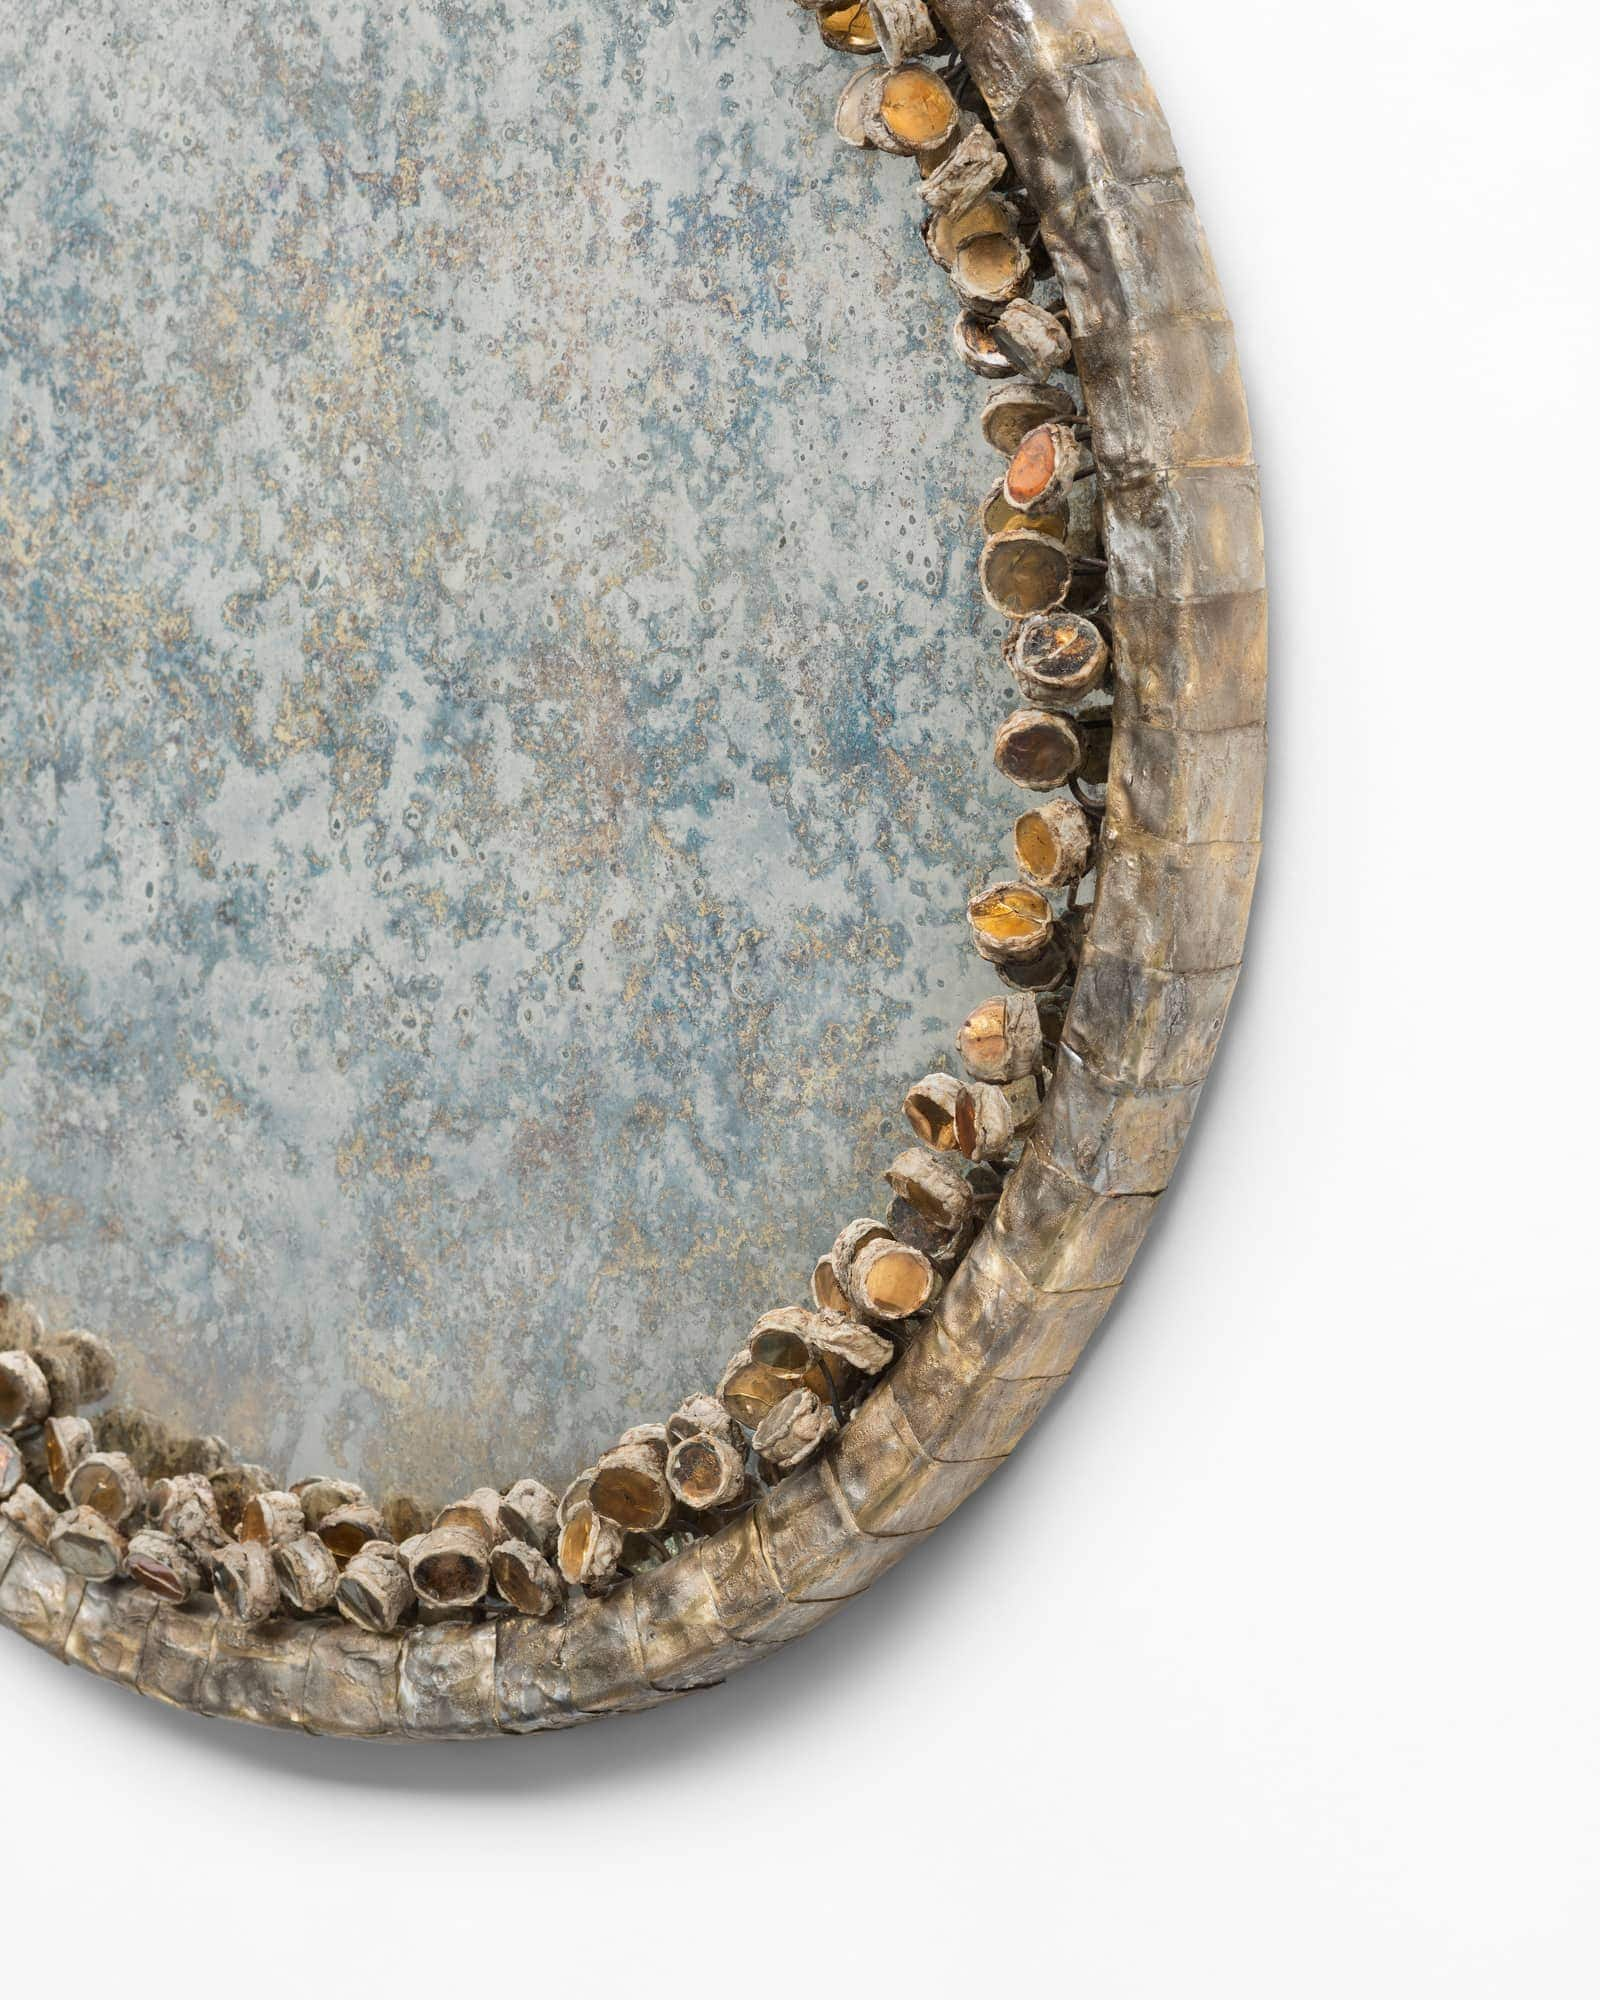 Line Vautrin, Très rare miroir «Cailloux oxydés», vue 03